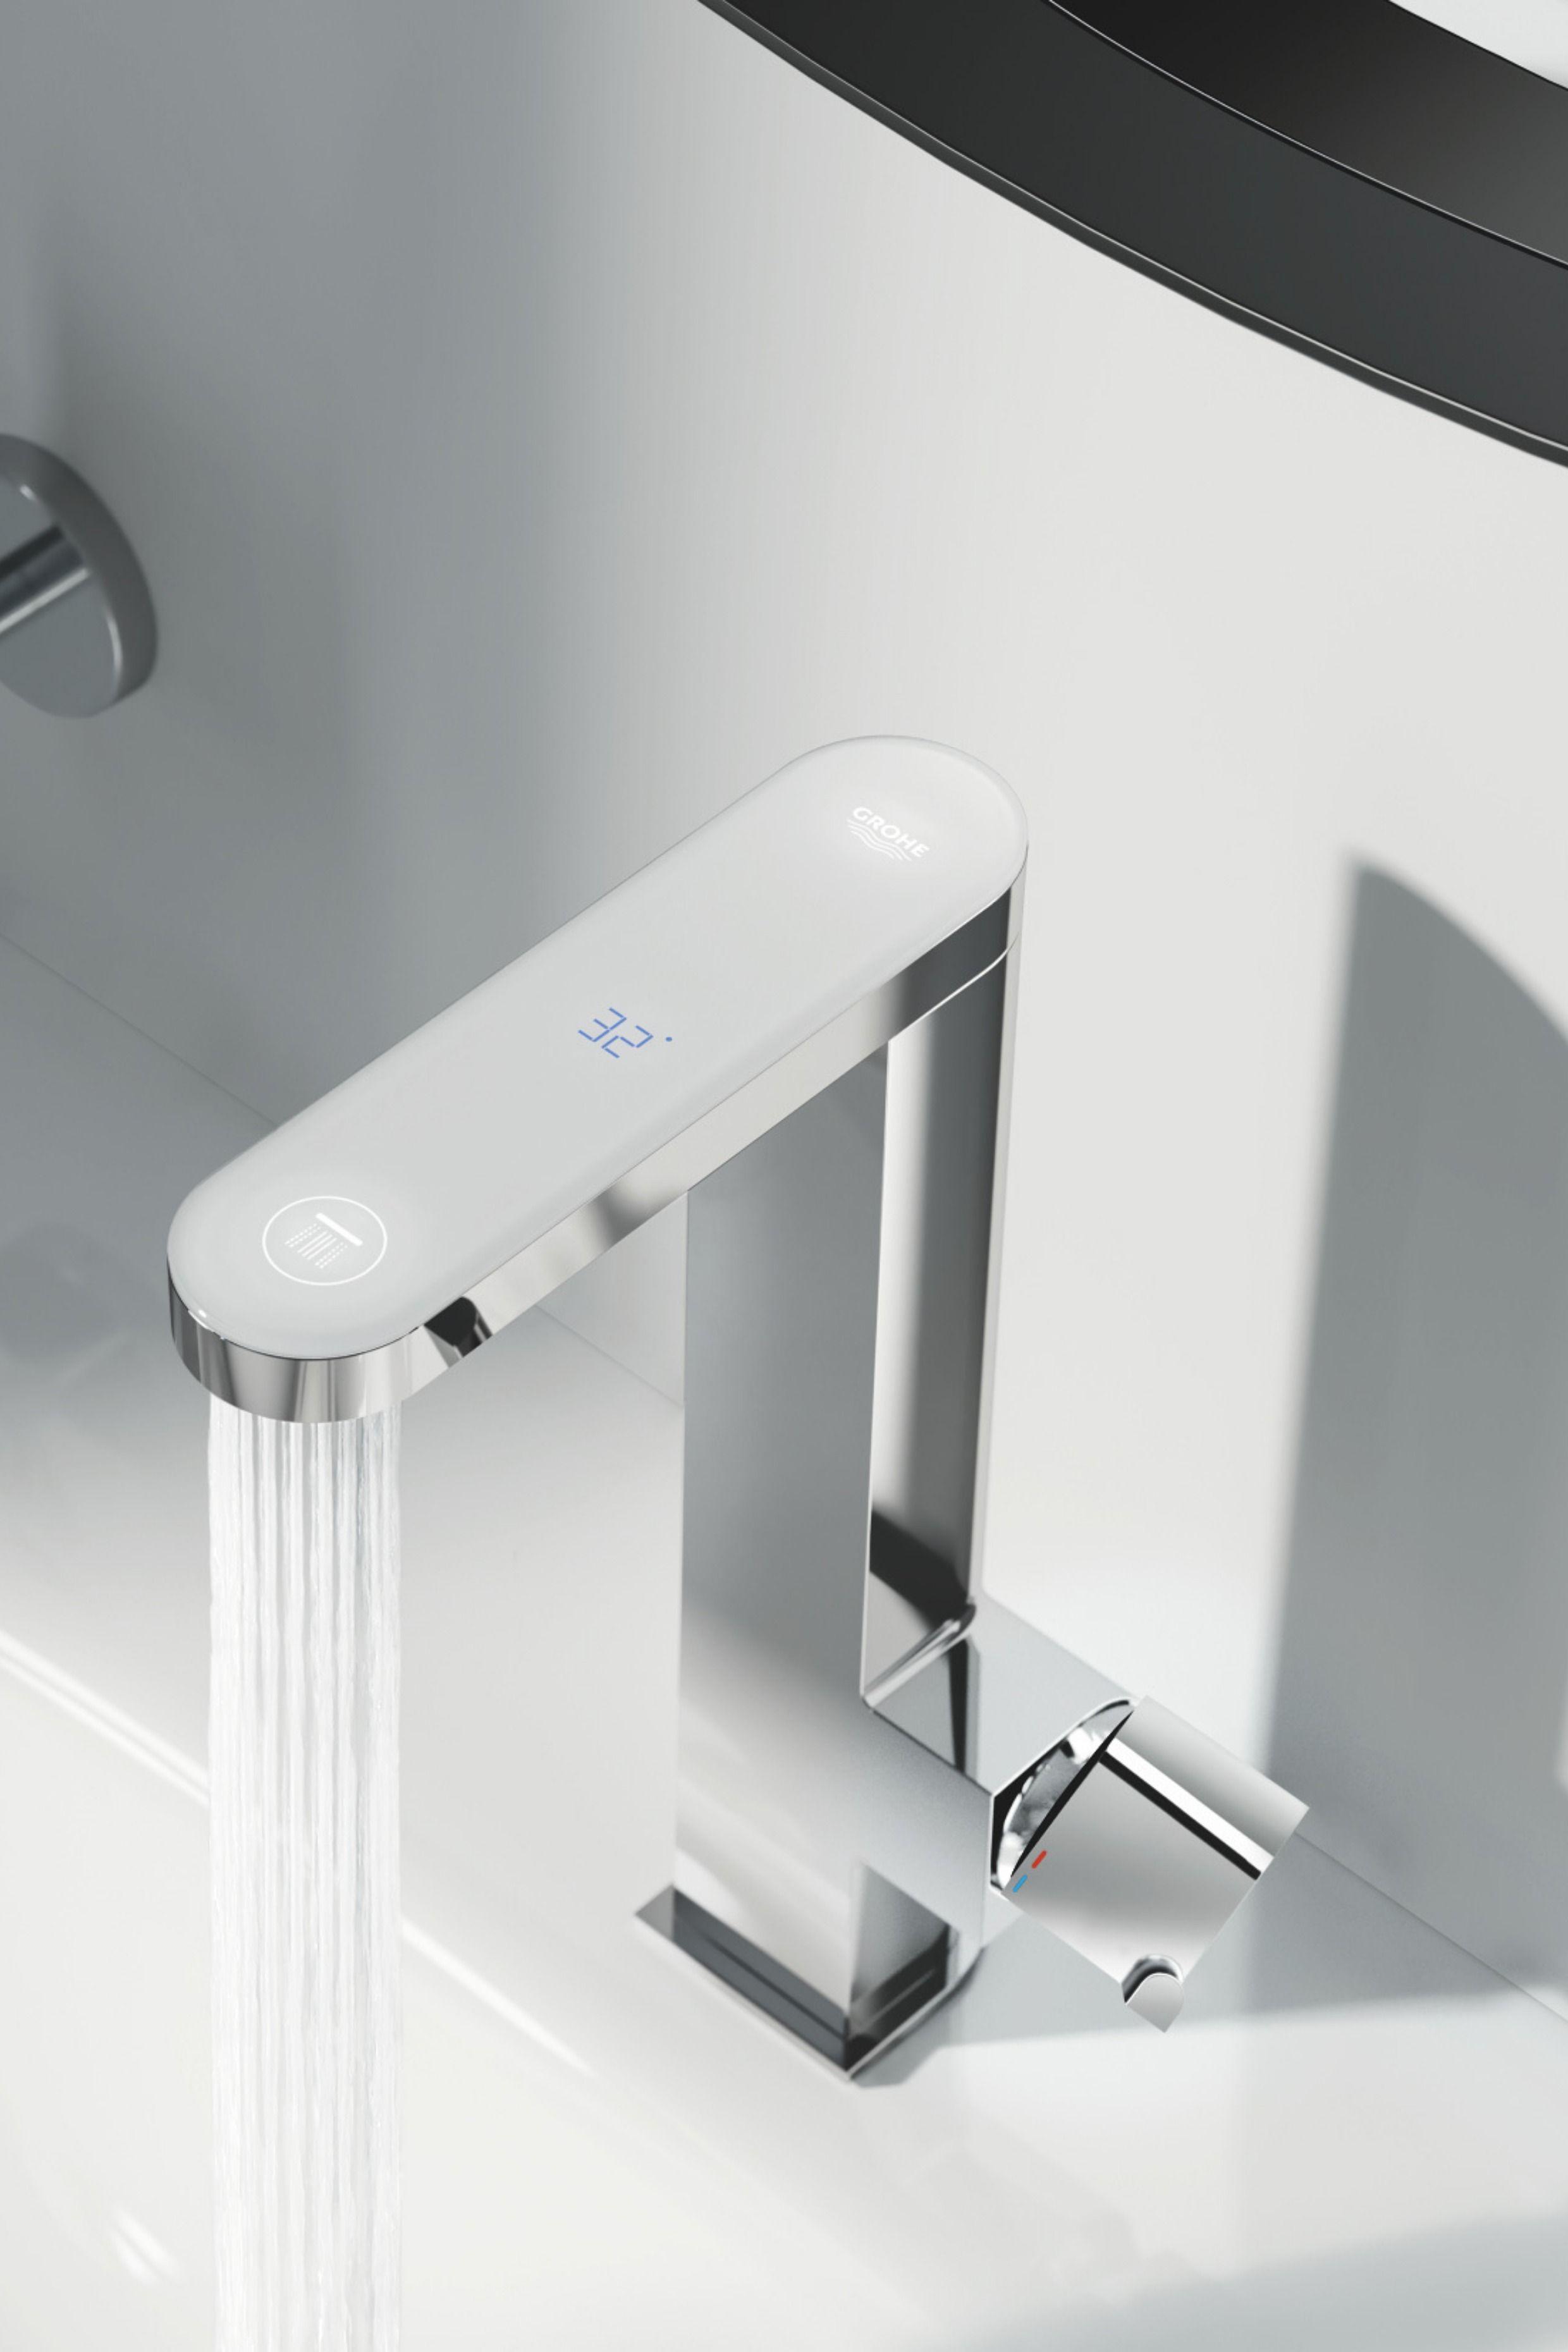 Grohe Plus Einhand Waschtischbatterie Mit Digitalem Display L Size Chrom Waschtischarmatur Badarmaturen Armaturen